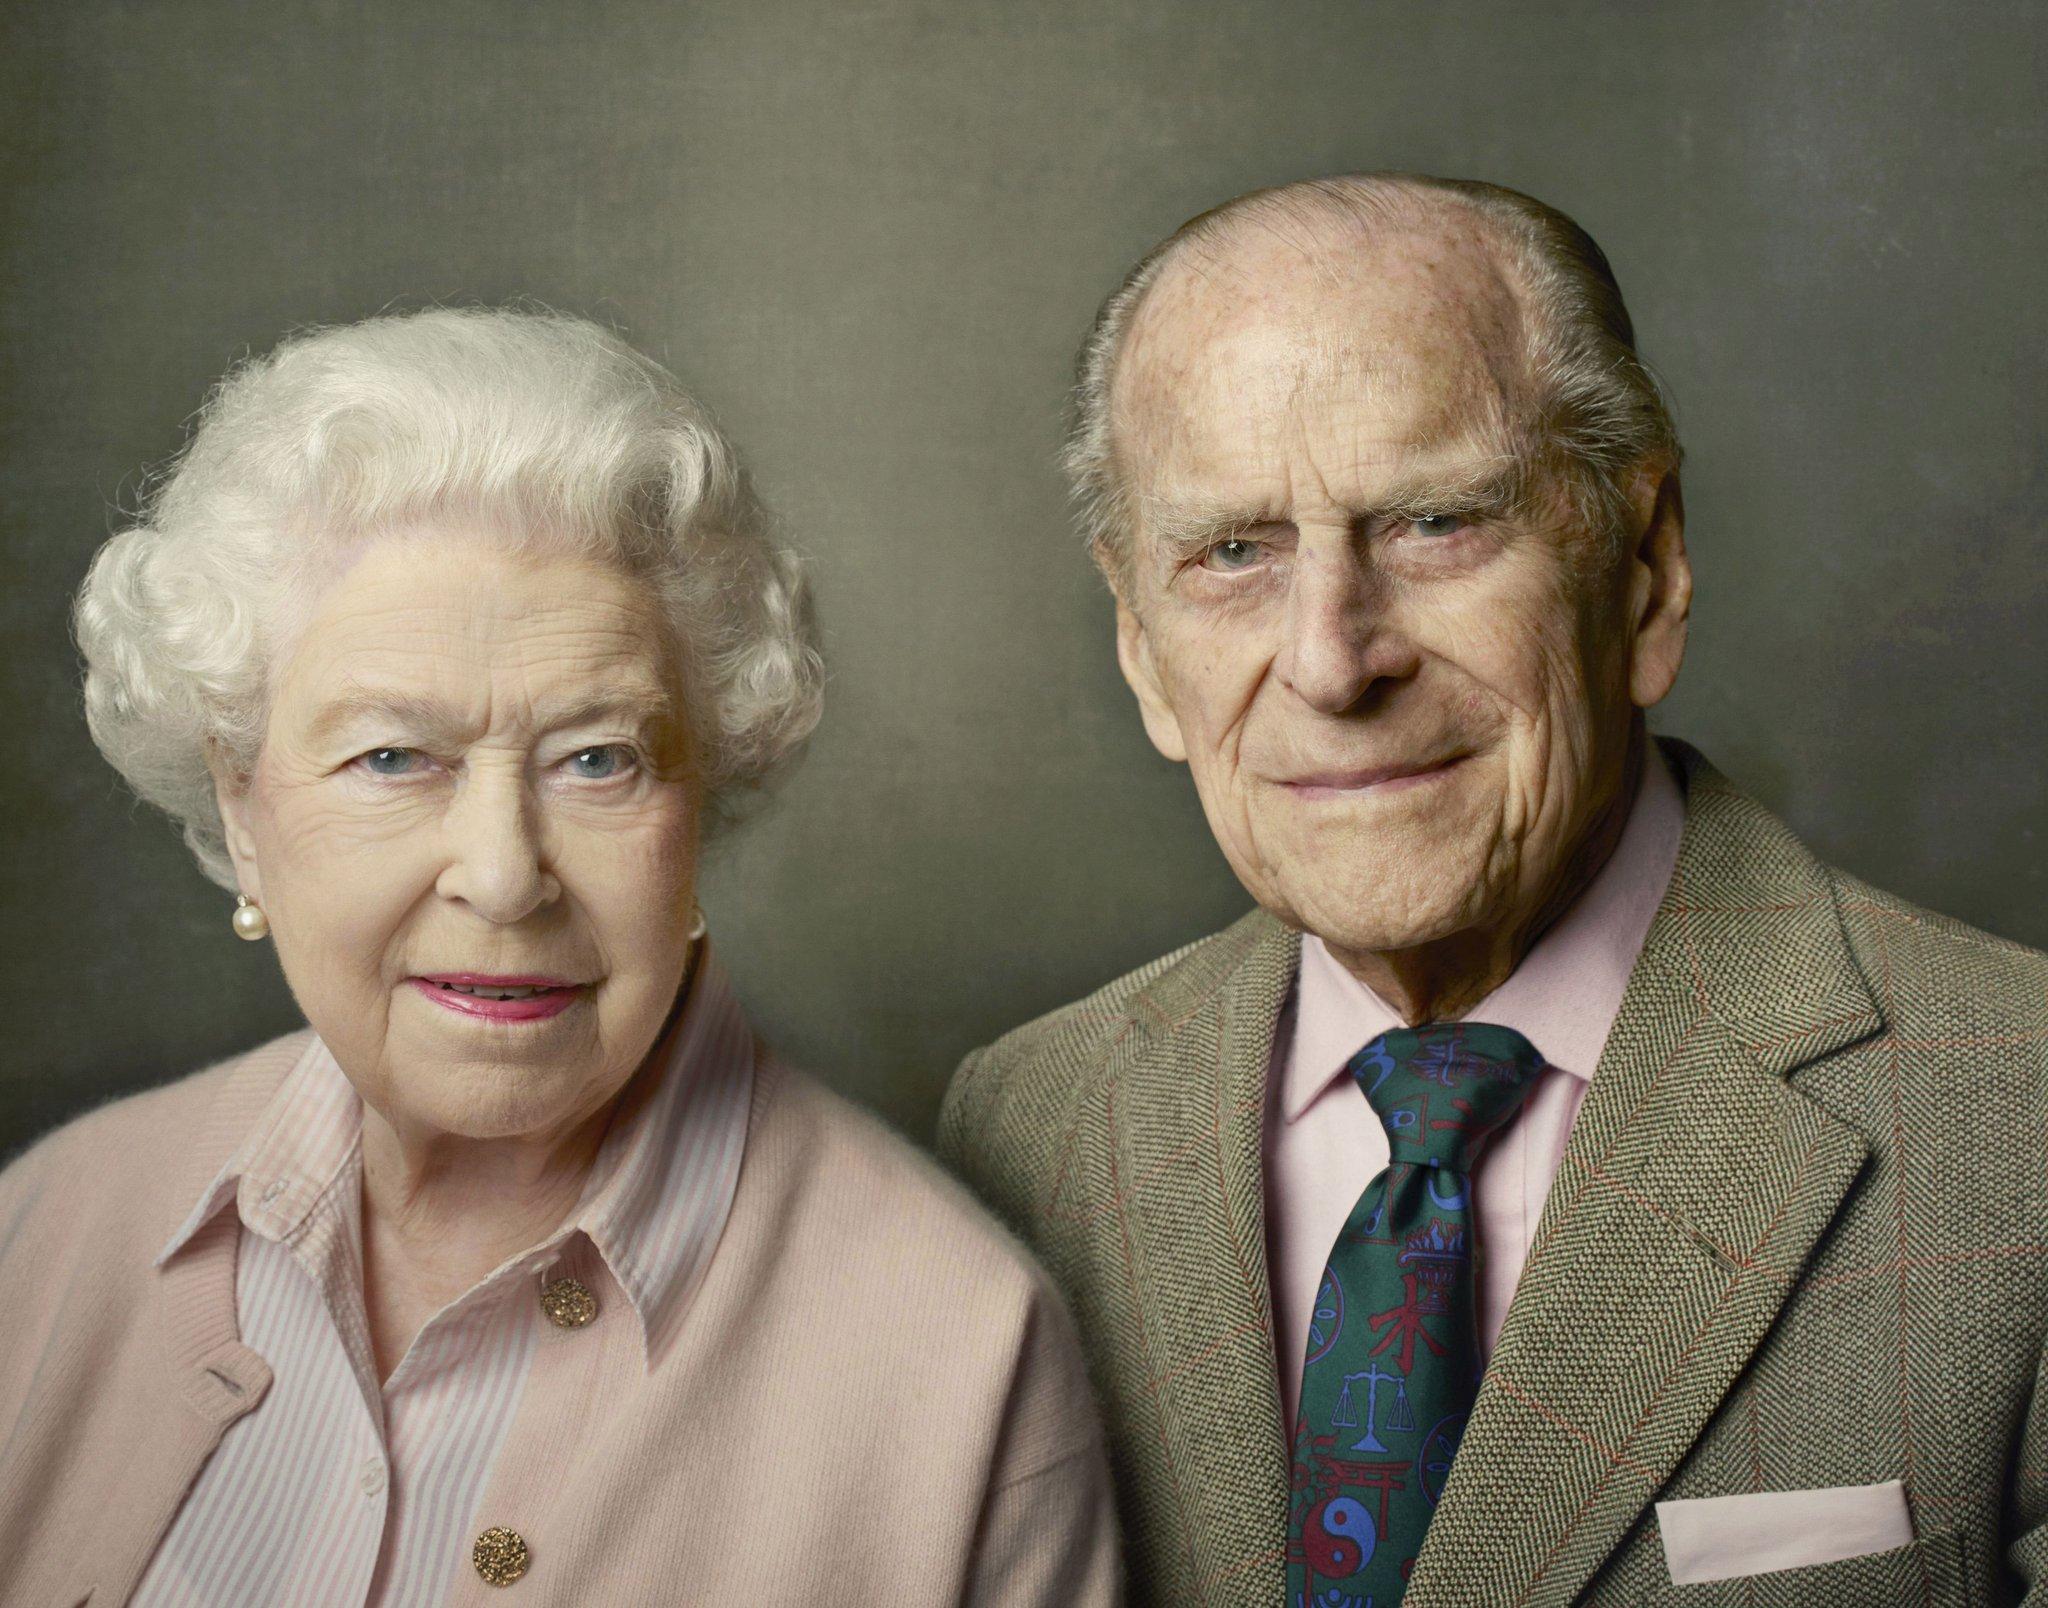 rainha elizabeth ii e principe phillip sorrindo. 70 anos de casado, bodas de diamante de elizabeth e phillip. senhora rainha com maquiagem e o principe phillip, seu marido, com uma gravata azul e camisa rosa. Foto artistica